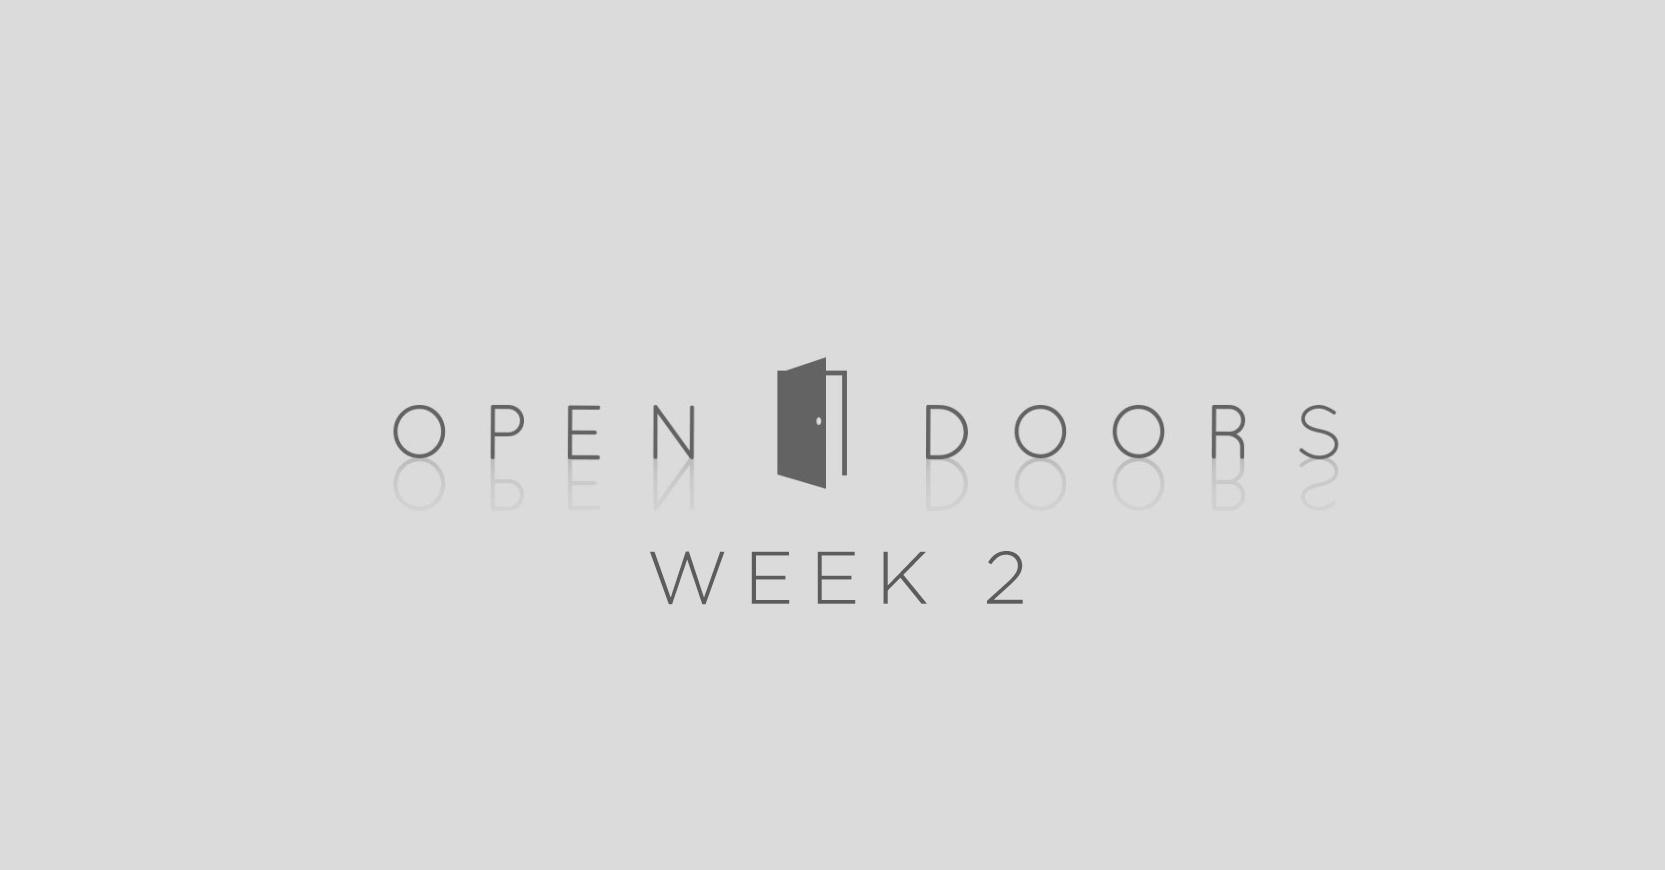 Open Doors_Week 2.jpg